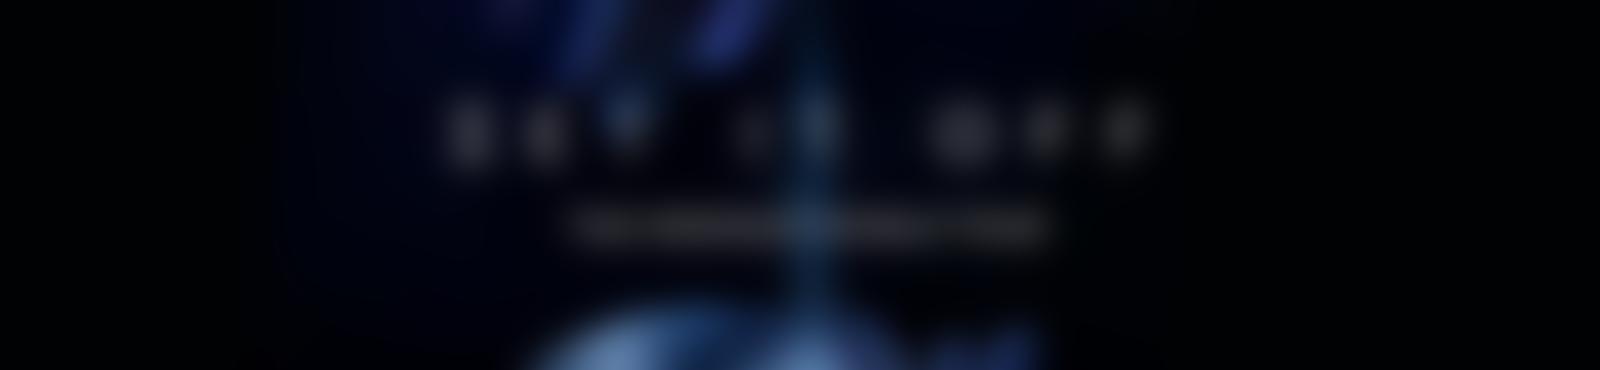 Blurred 6aecea7f ca6b 42ef 8b34 0ec72d581b60